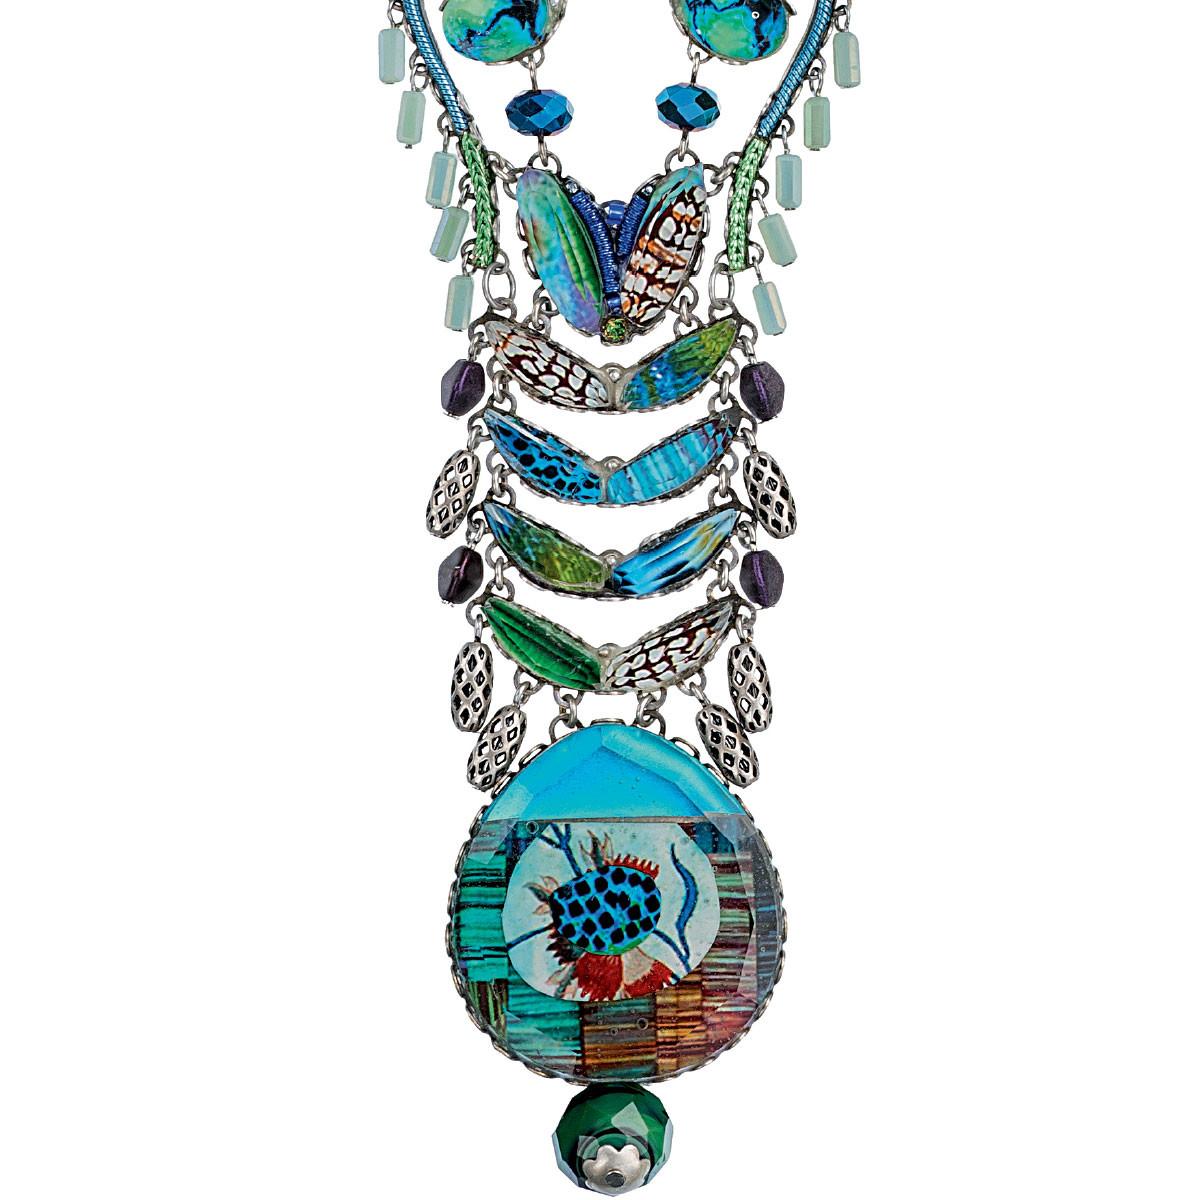 Turquoise Revelation style necklace by Ayala Bar Jewelry